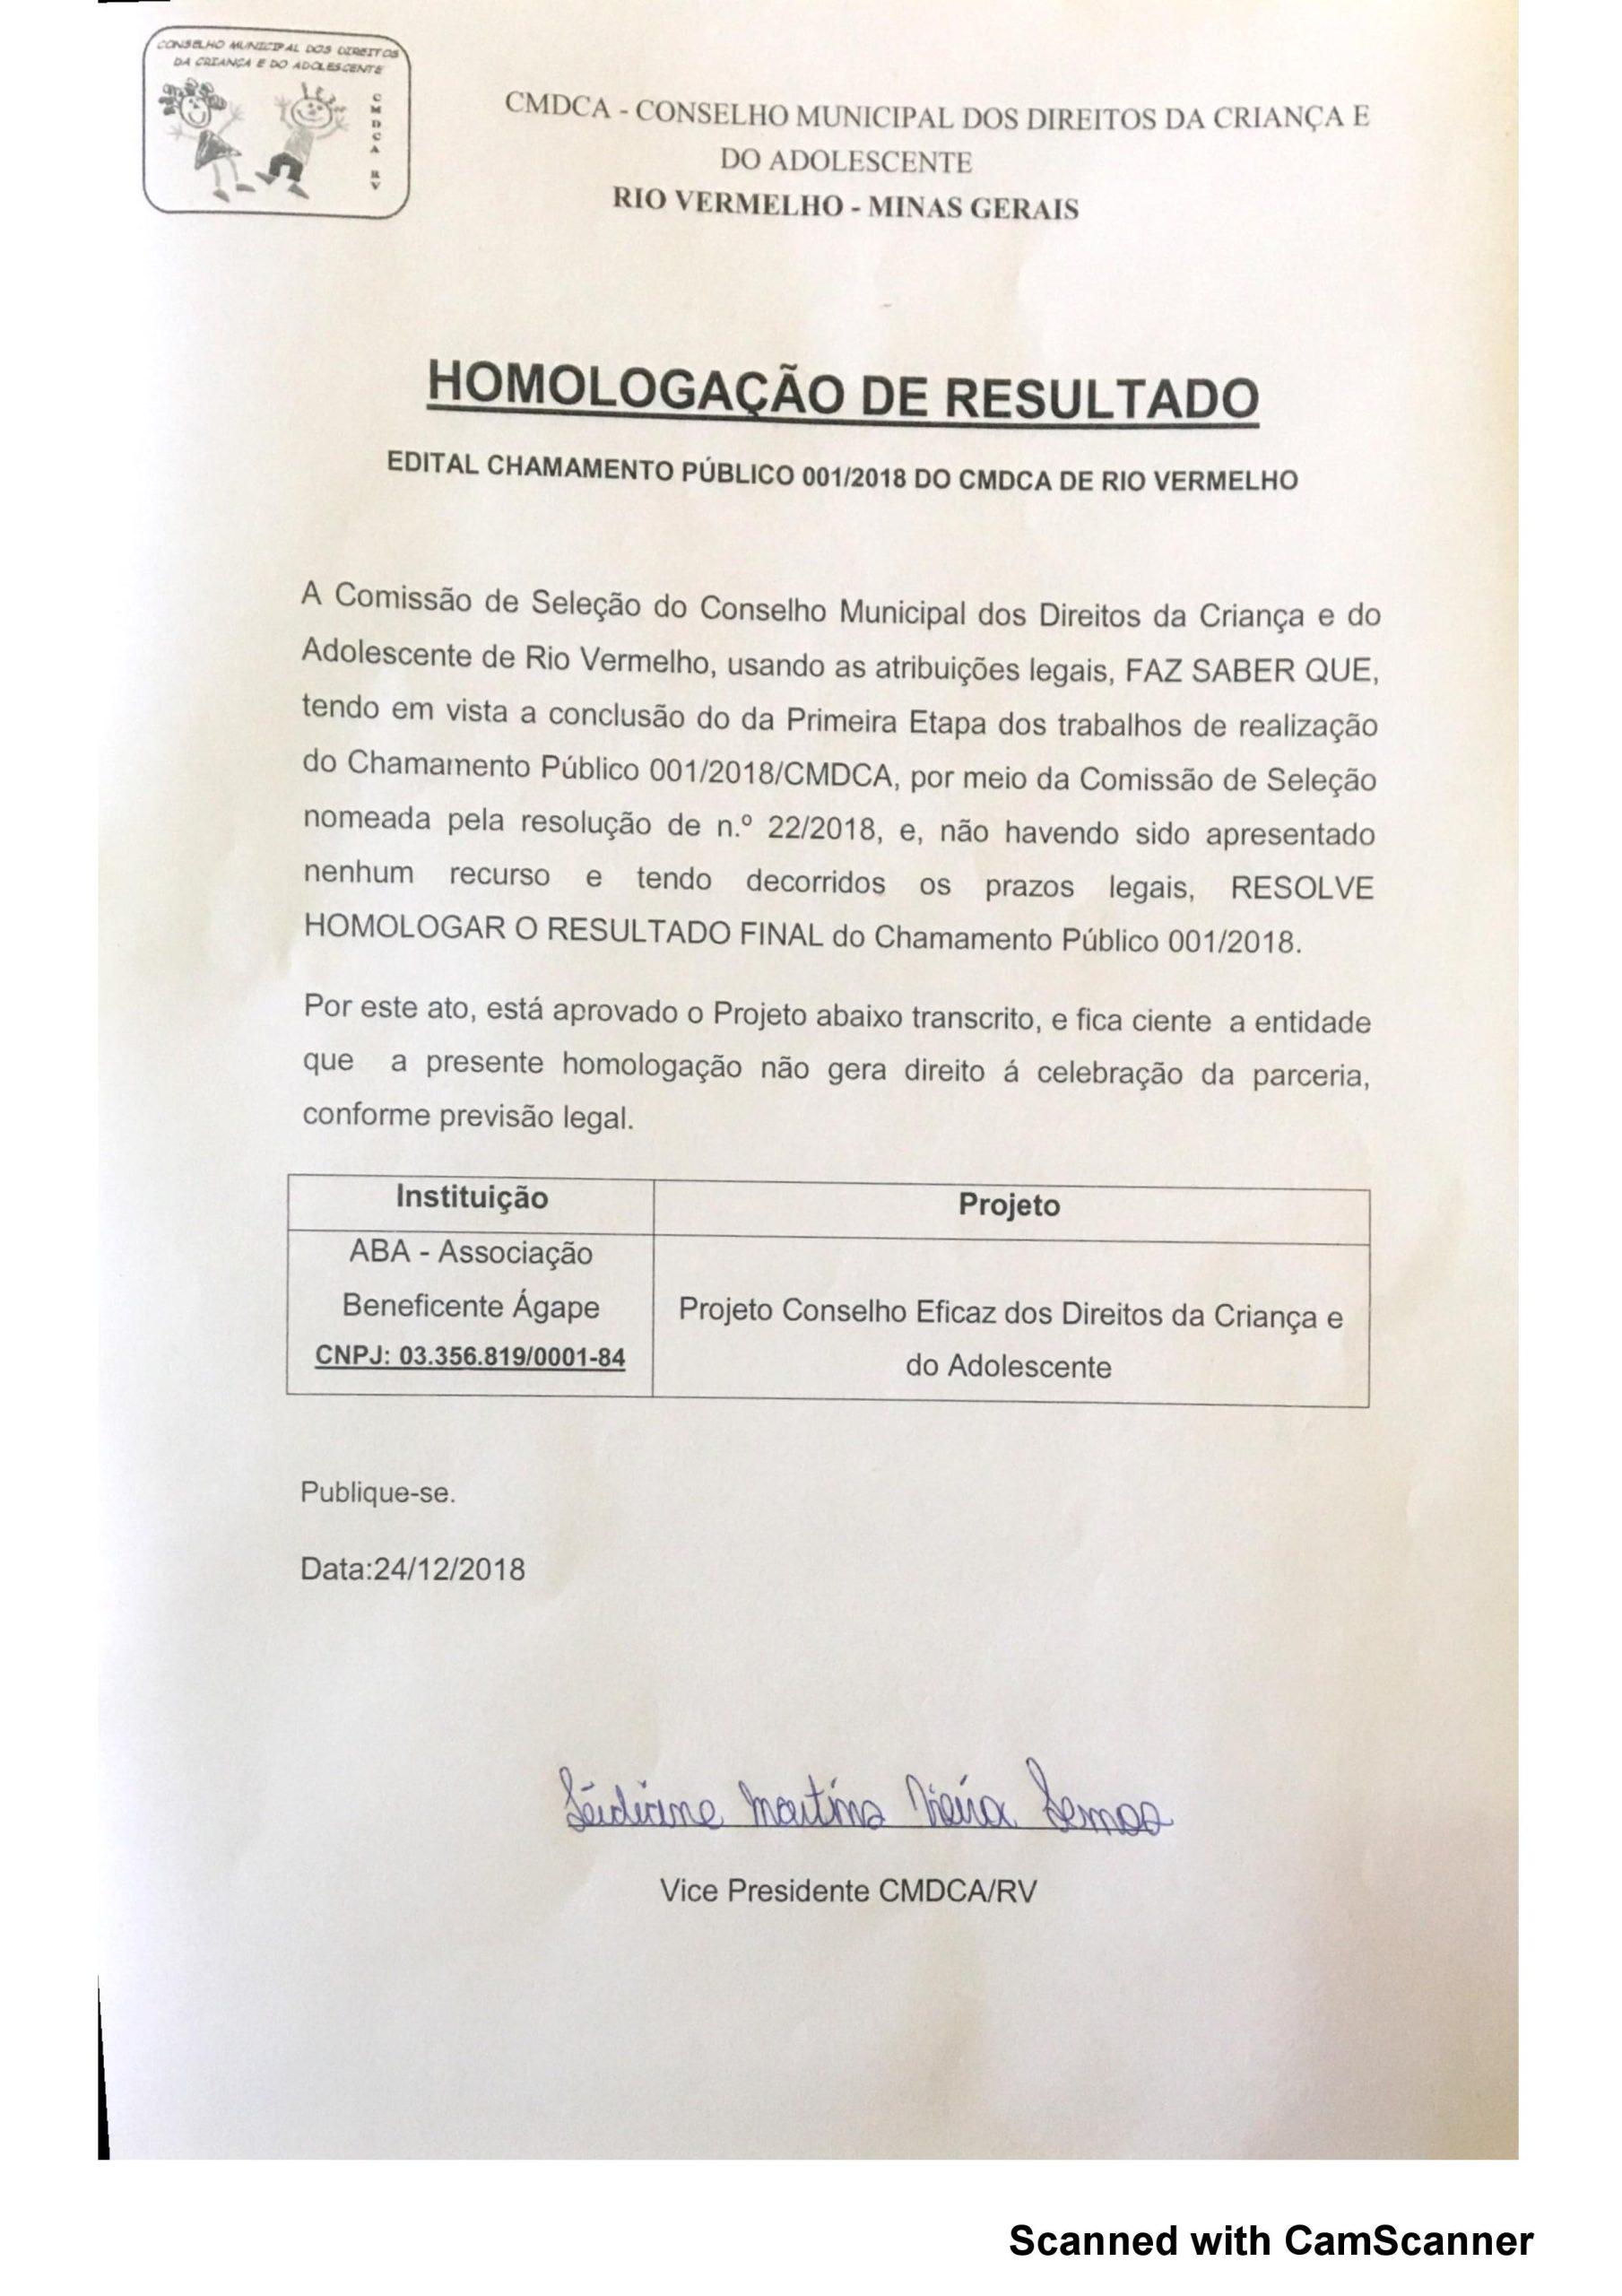 Homologação Chamamento Público 01/2018 – CMDCA